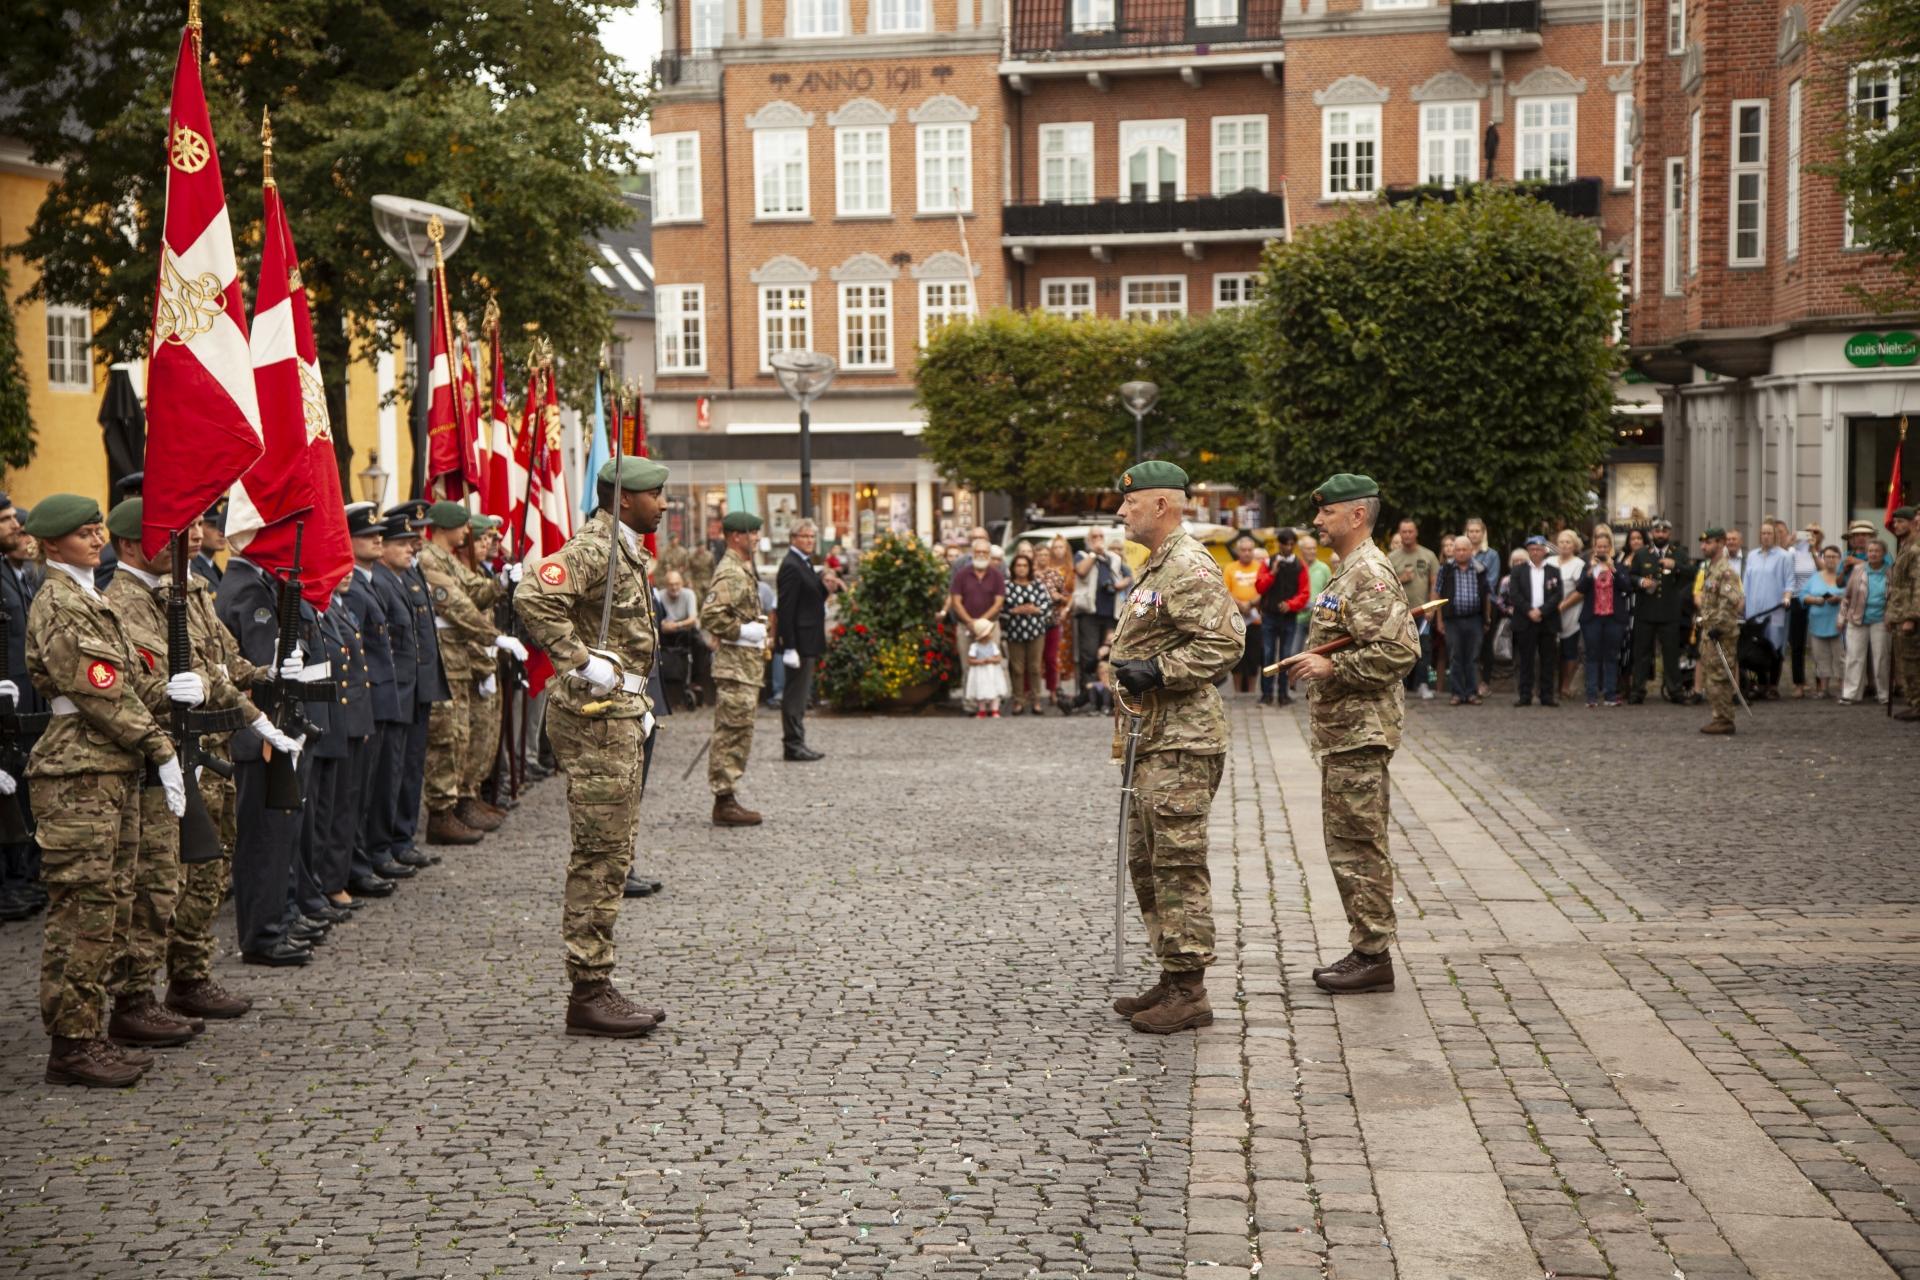 Byen fyldes med soldater: Stor militærparade og march i Aalborg